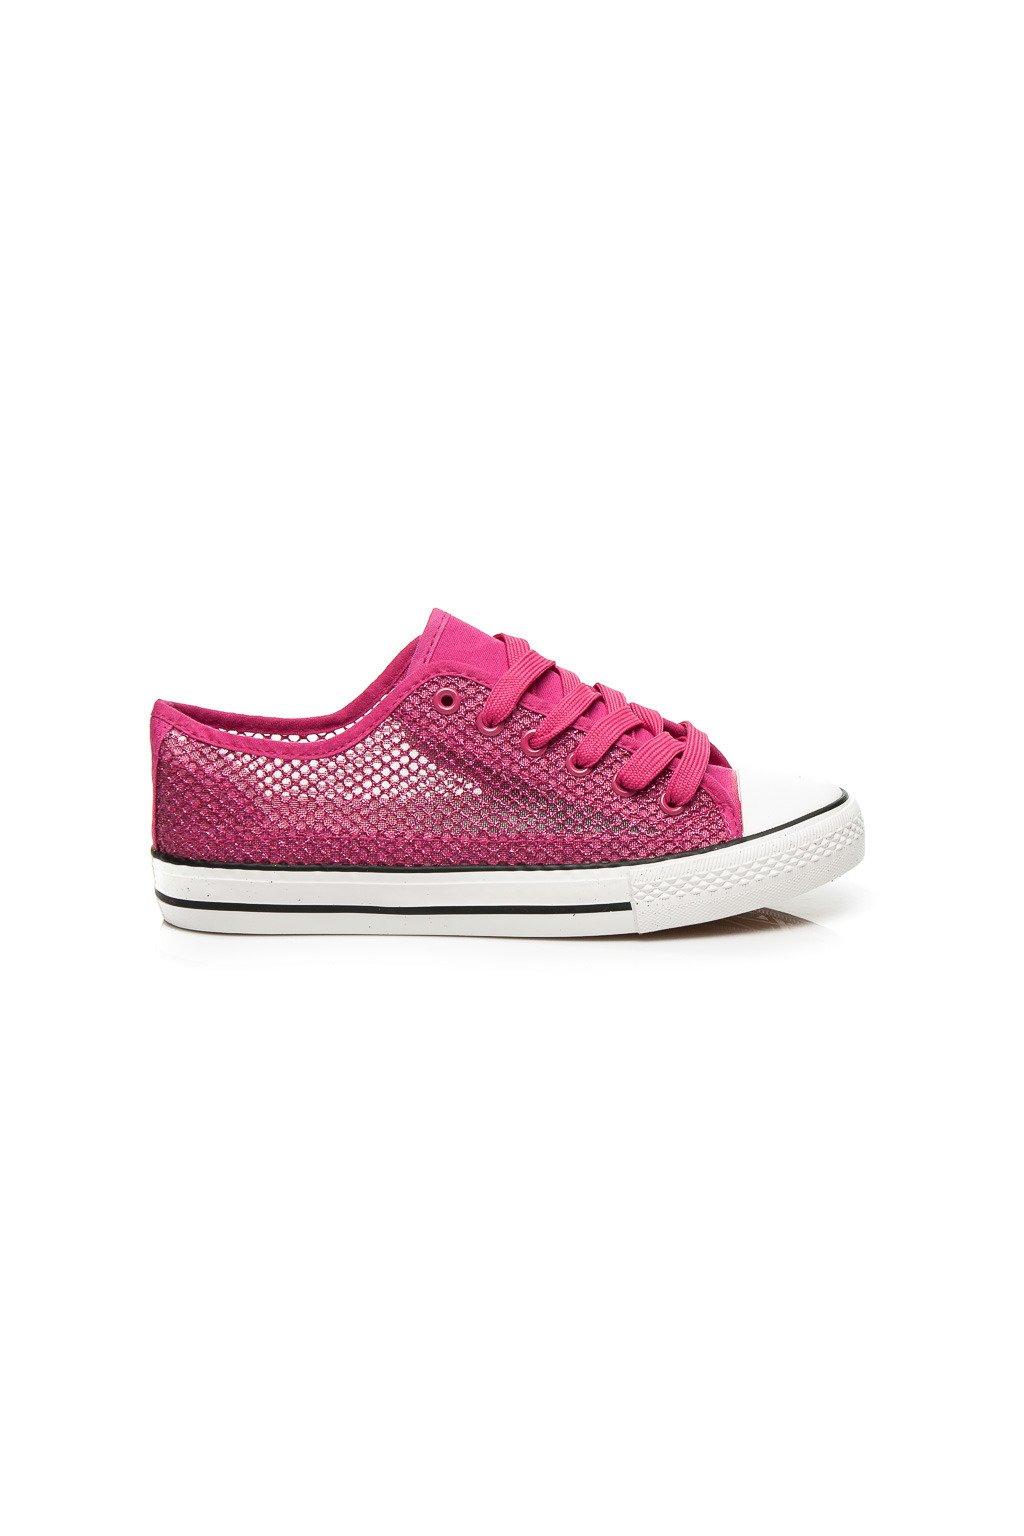 Ružové plátené tenisky E26RO veľ.č. 37 f051d25fad5